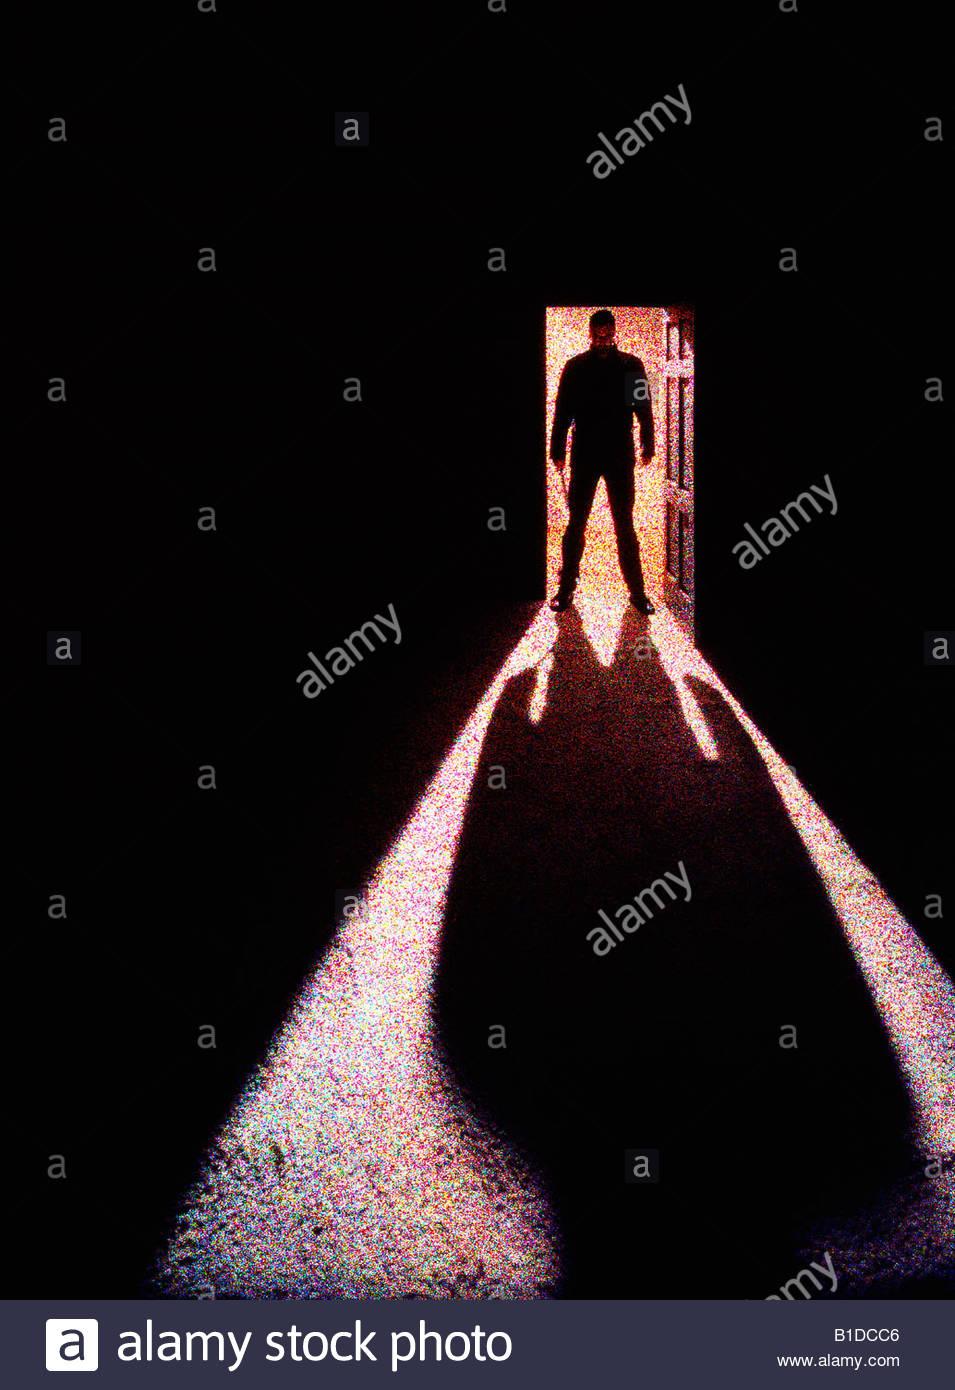 Una minacciosa la silhouette di un uomo in possesso di un coltello in una porta. Immagini Stock